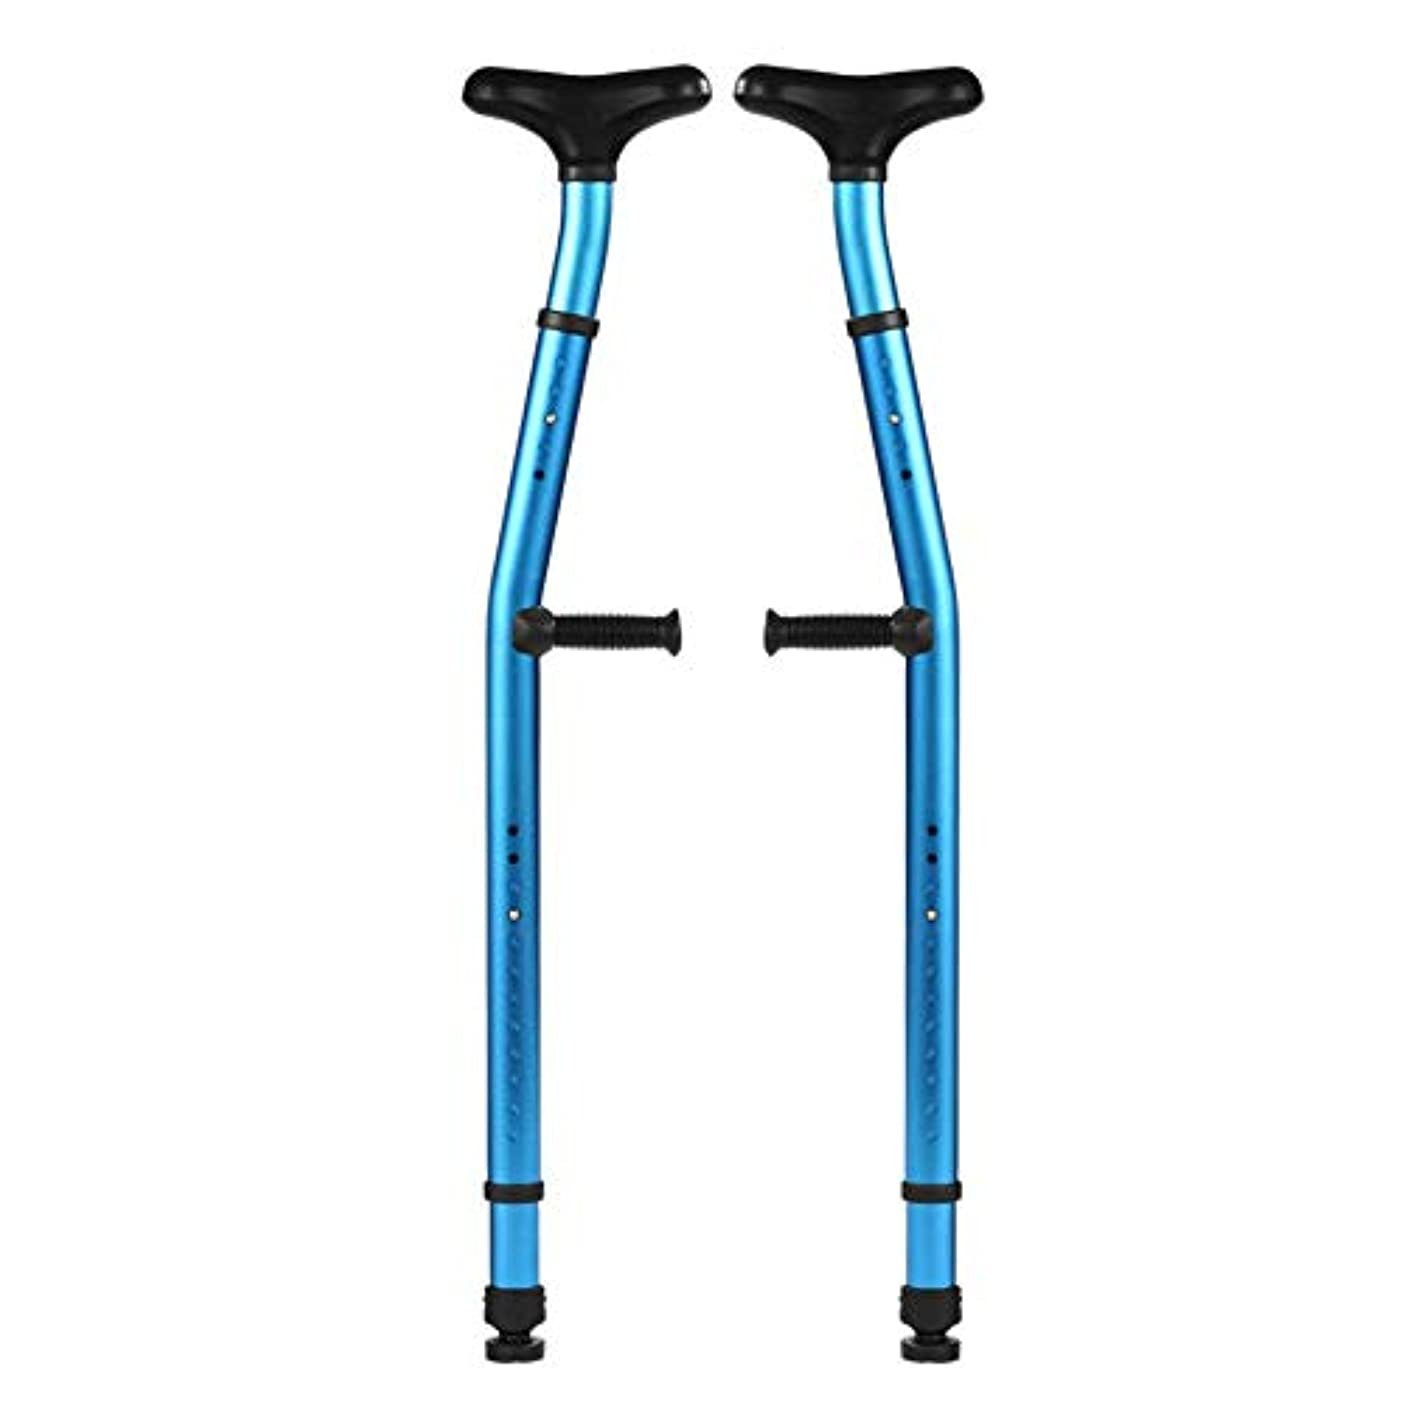 噴水一時停止段落脇の下の松葉杖(1ペア)人間工学に基づいた松葉杖脇の下の十字形骨折医療の高さ調節可能な滑り止め大人の子供身体障害者用スティックアーム合金増加した滑り止めマット